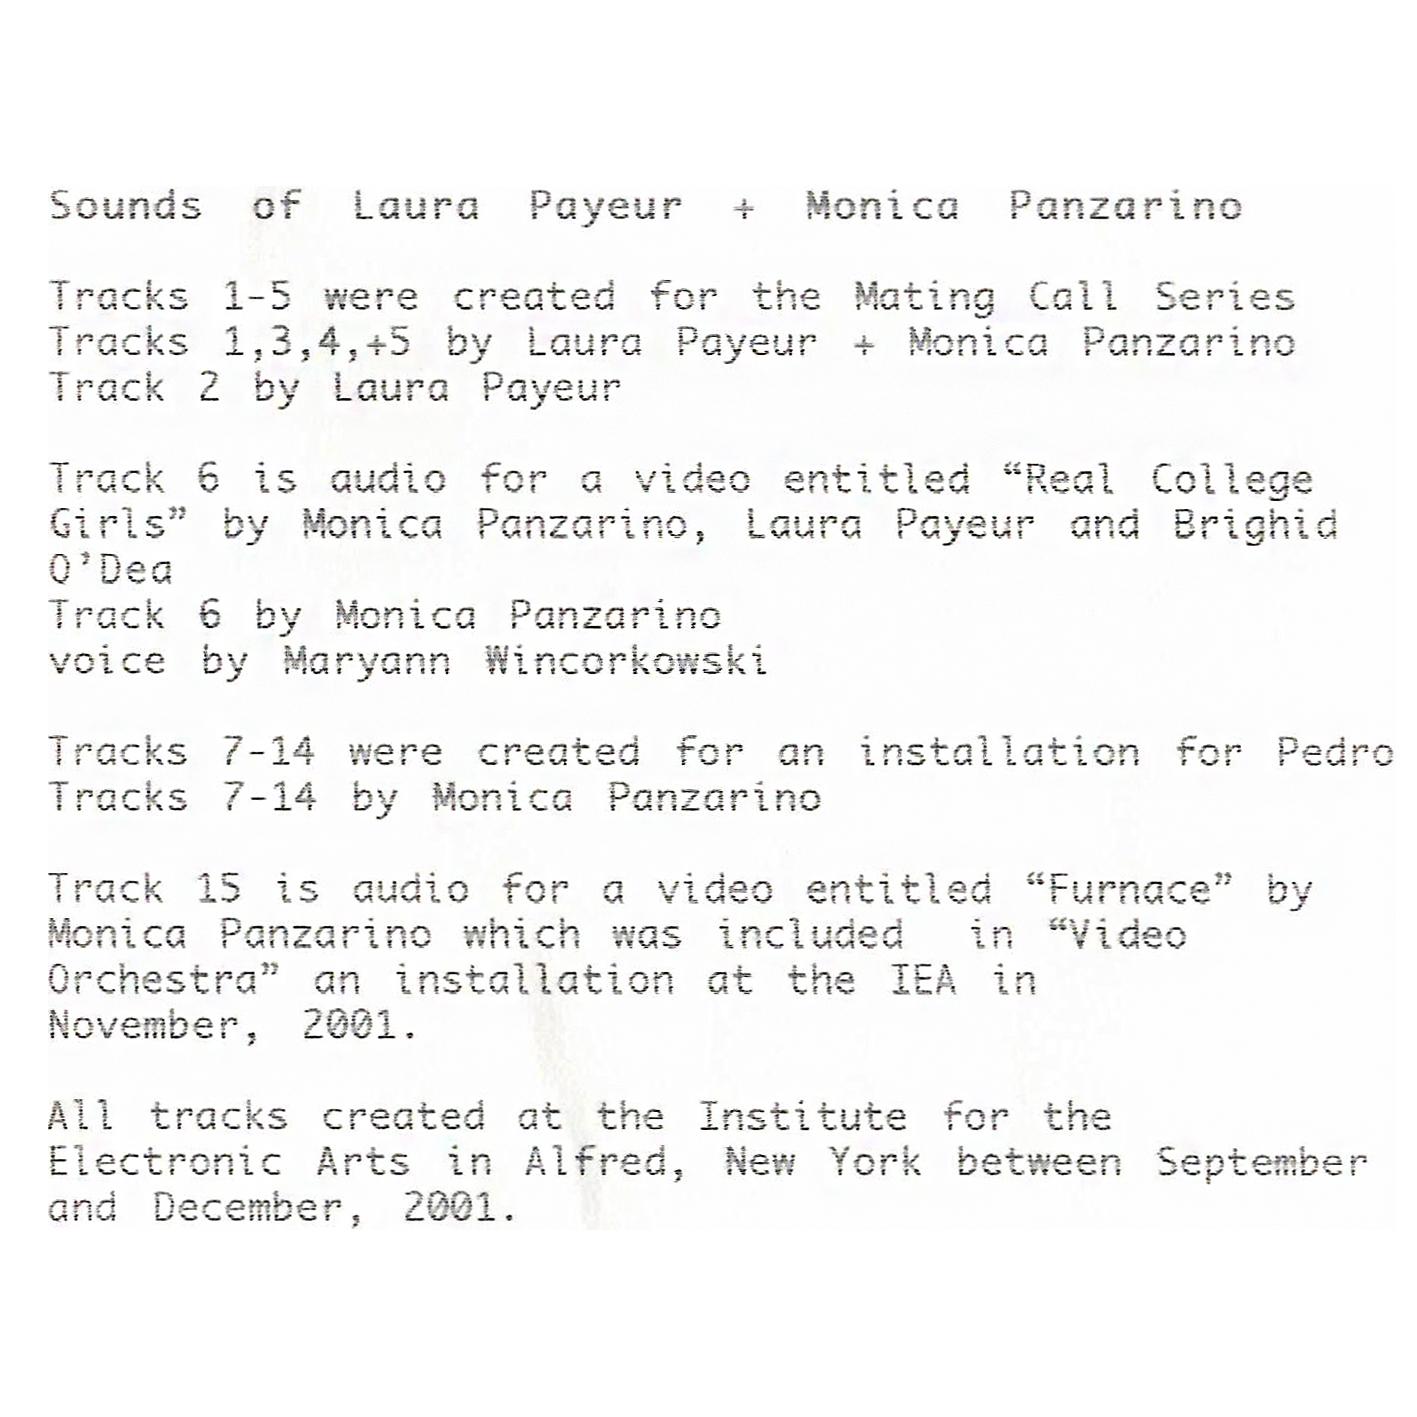 Sounds of Laura Payeur + Monica Panzarino Inside